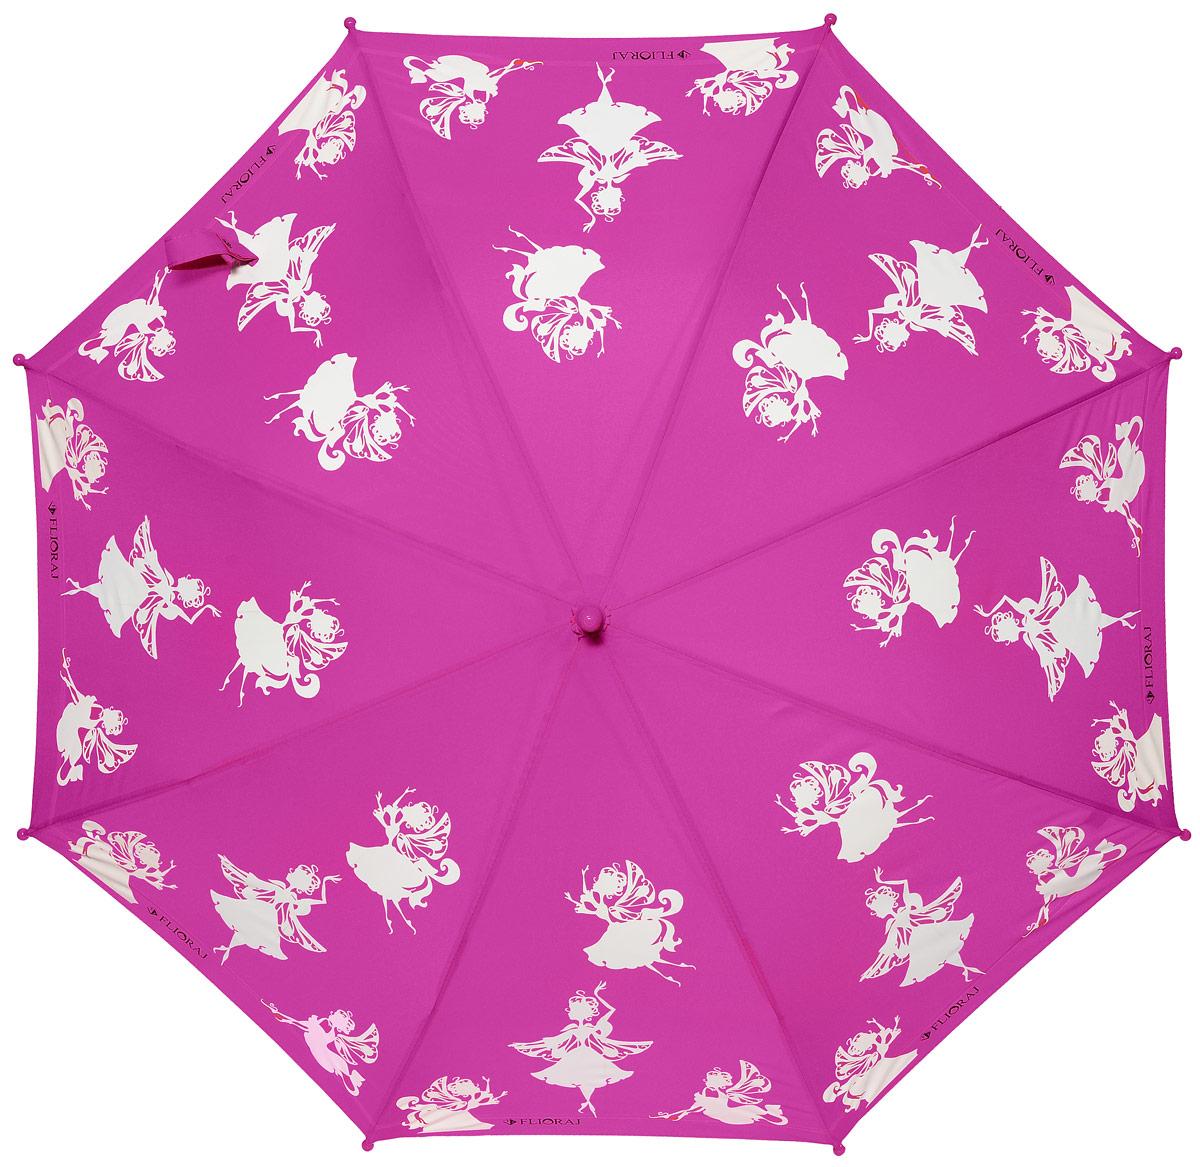 Зонт детский Flioraj, механика, трость, цвет: фуксия, белый. 051203K60K603557_0130Очаровательный зонт для детей доступен в нескольких расцветках. Маленькие феи будто случайно спустились на зонт и теперь кружатся в радужном танце. При намокании рисунок становится цветным. Зонт обязательно понравится вам и вашему ребенку! Предназначен для детей младшего и среднего школьного возраста. Безопасная технология открывания и закрывания. Спицы зонта изготовлены из долговечного, но легкого фибергласса, что делает зонт ветроустойчивым и прочным.